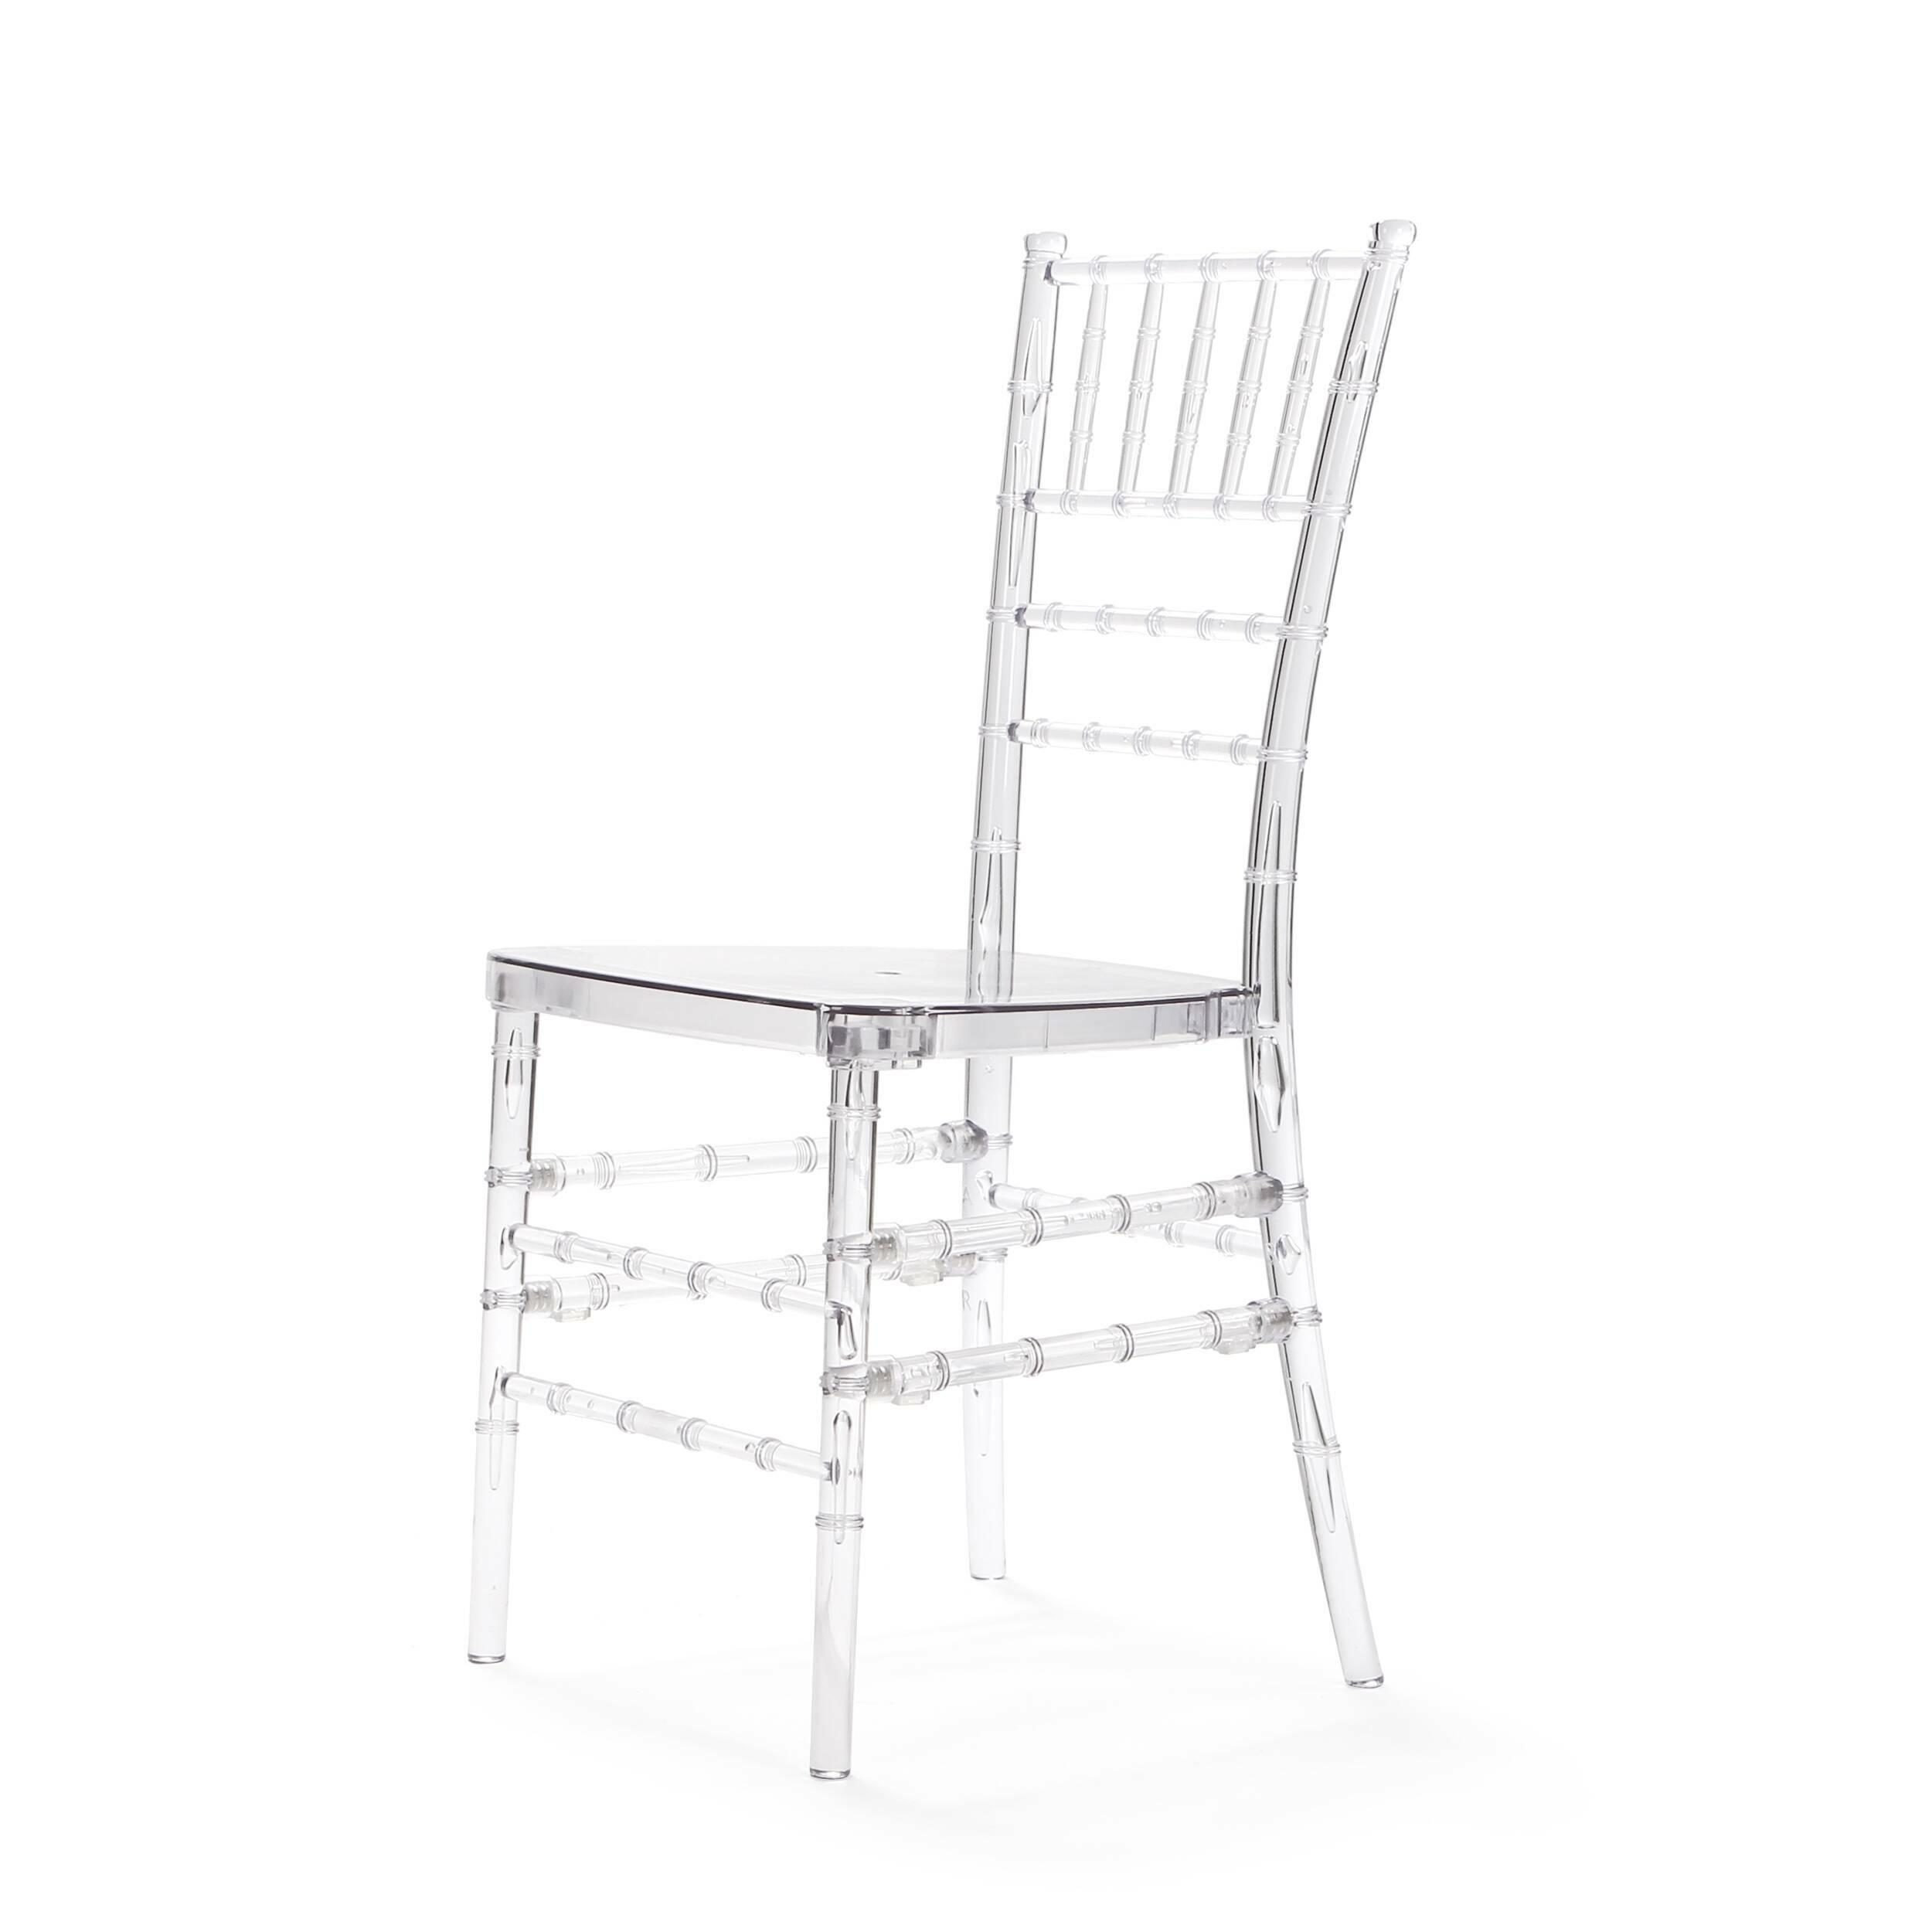 Стул Chiavari IceИнтерьерные<br>Дизайнерский высокий однотонный стул Chiavari Ice (Chiavari Ice) из поликарбоната без подлокотников от Cosmo (Космо).<br><br>     Созданный еще в 2003 году дизайн стула Chiavary превратился практически в самостоятельный бренд. Эти стулья — завсегдатаи всех крупных праздничных чествований на северном континенте Америки. Когда у американцев речь заходит о Chiavari, никто не задается вопросом: «А что это?» Любому известны эти элегантные дизайнерские изделия с их запоминающимся дизайном. Однако они н...<br><br>stock: 17<br>Высота: 92<br>Высота сиденья: 45<br>Ширина: 47<br>Глубина: 42<br>Материал каркаса: Поликарбонат<br>Тип материала каркаса: Пластик<br>Цвет каркаса: Прозрачный